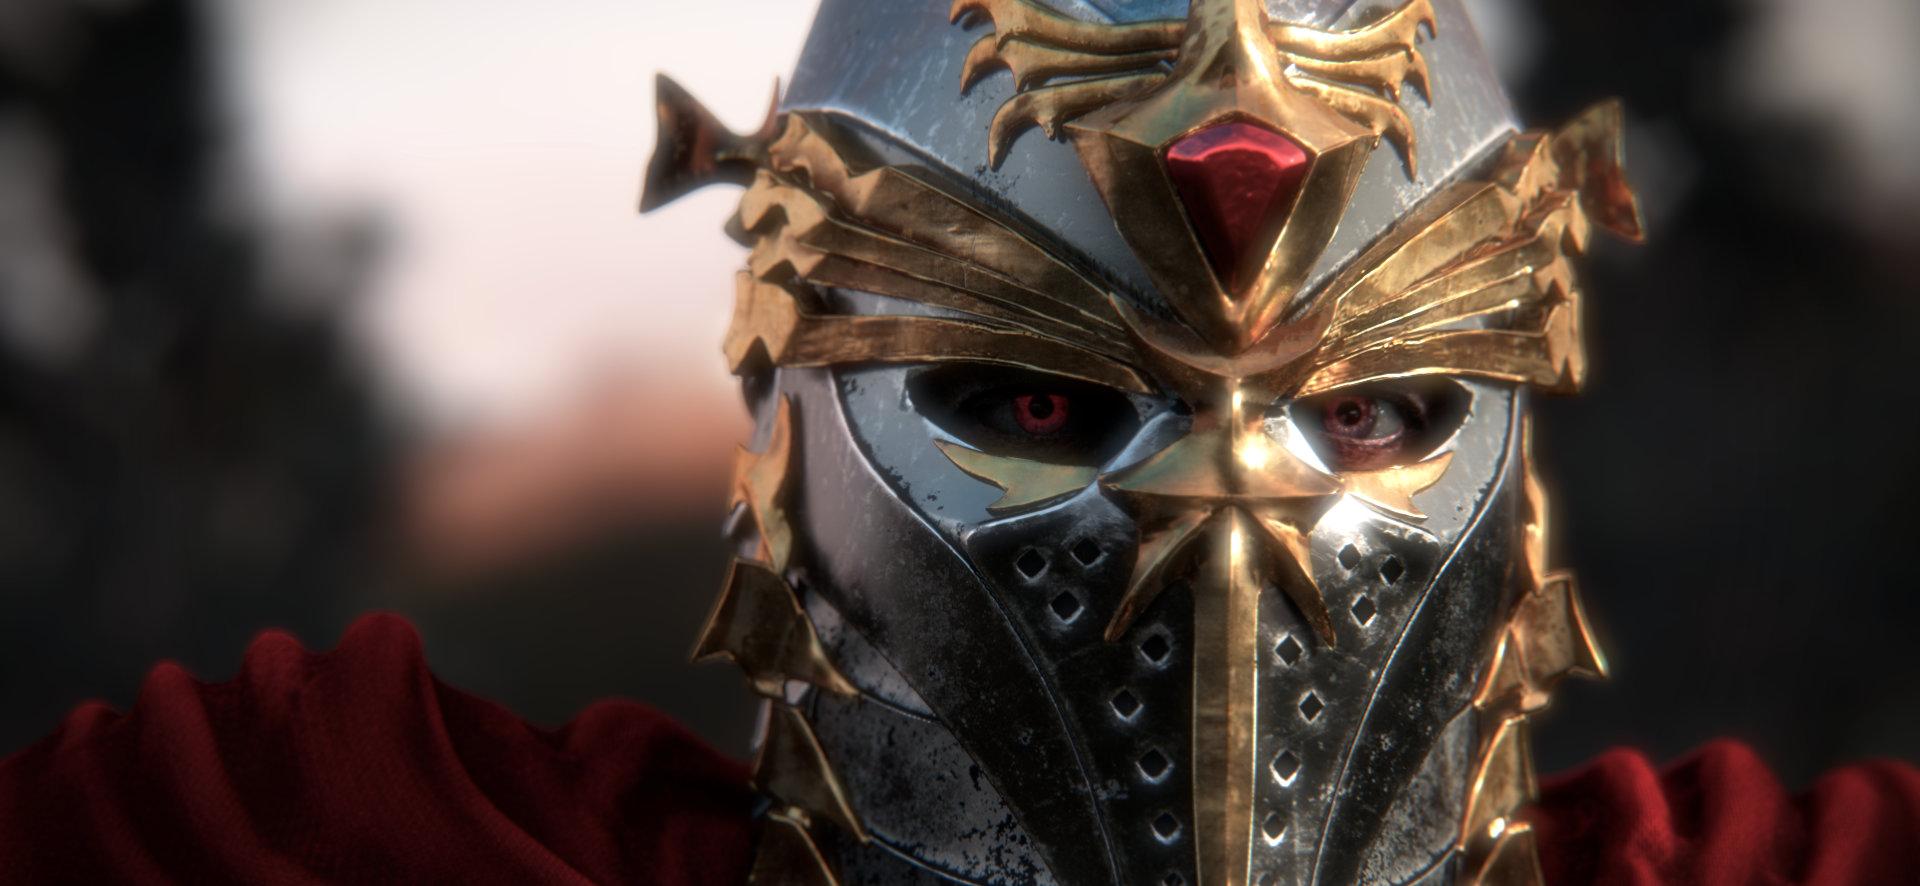 TALOS Creative: Fantasy 3D CG Cinematic Animation